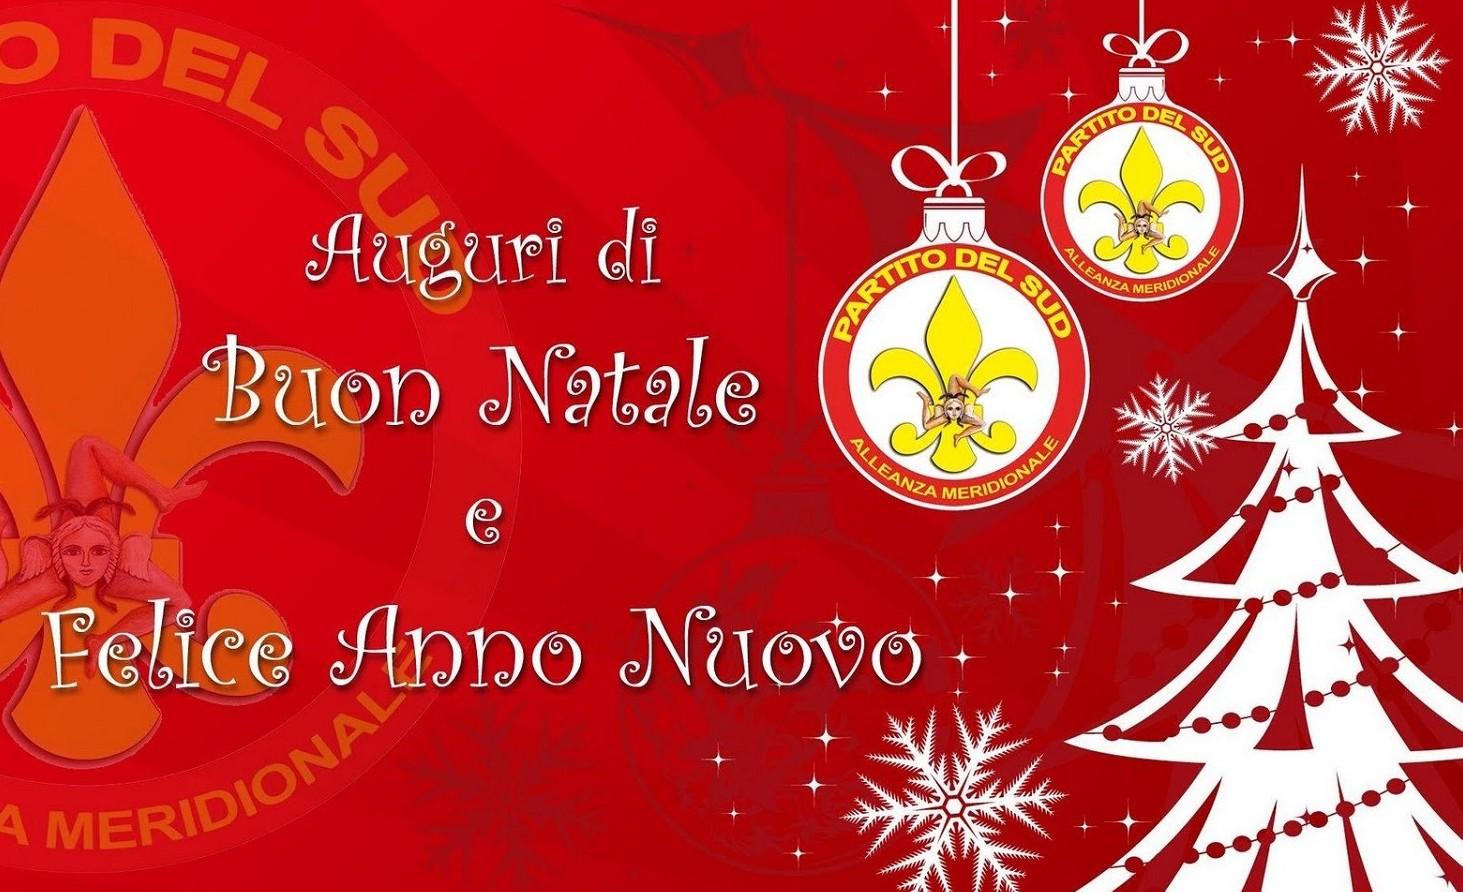 Frasi Natale E Buon Anno.Frasi Auguri Di Natale 2017 Buone E Felici Feste Per La Famiglia